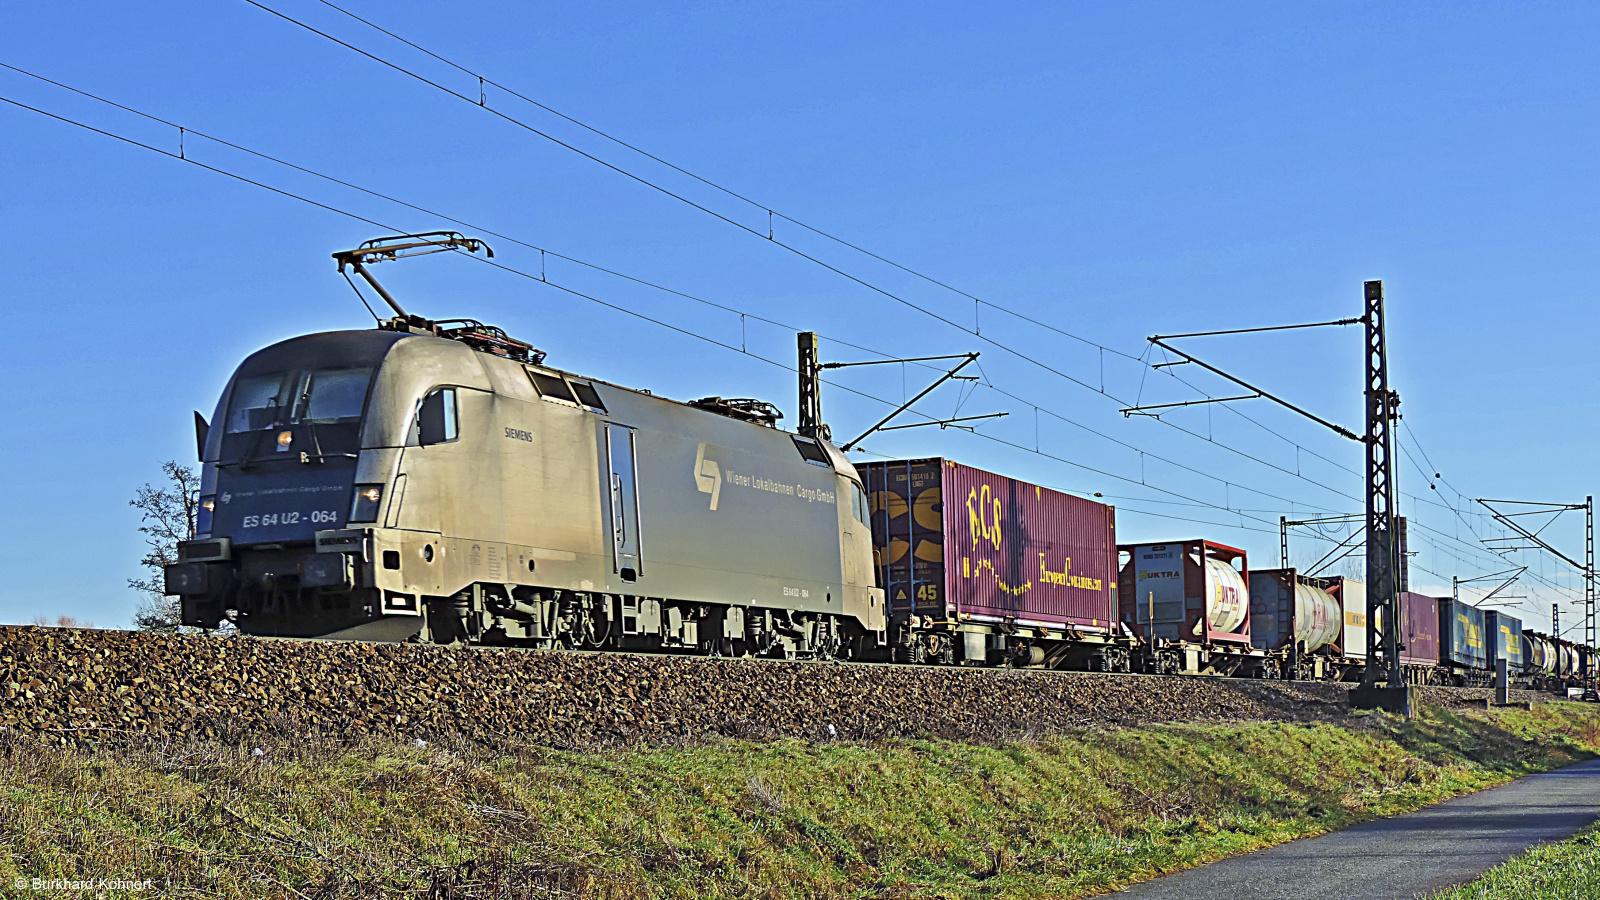 ES 64 U2-064 - Wiener Lokalbahnen Cargo GmbH